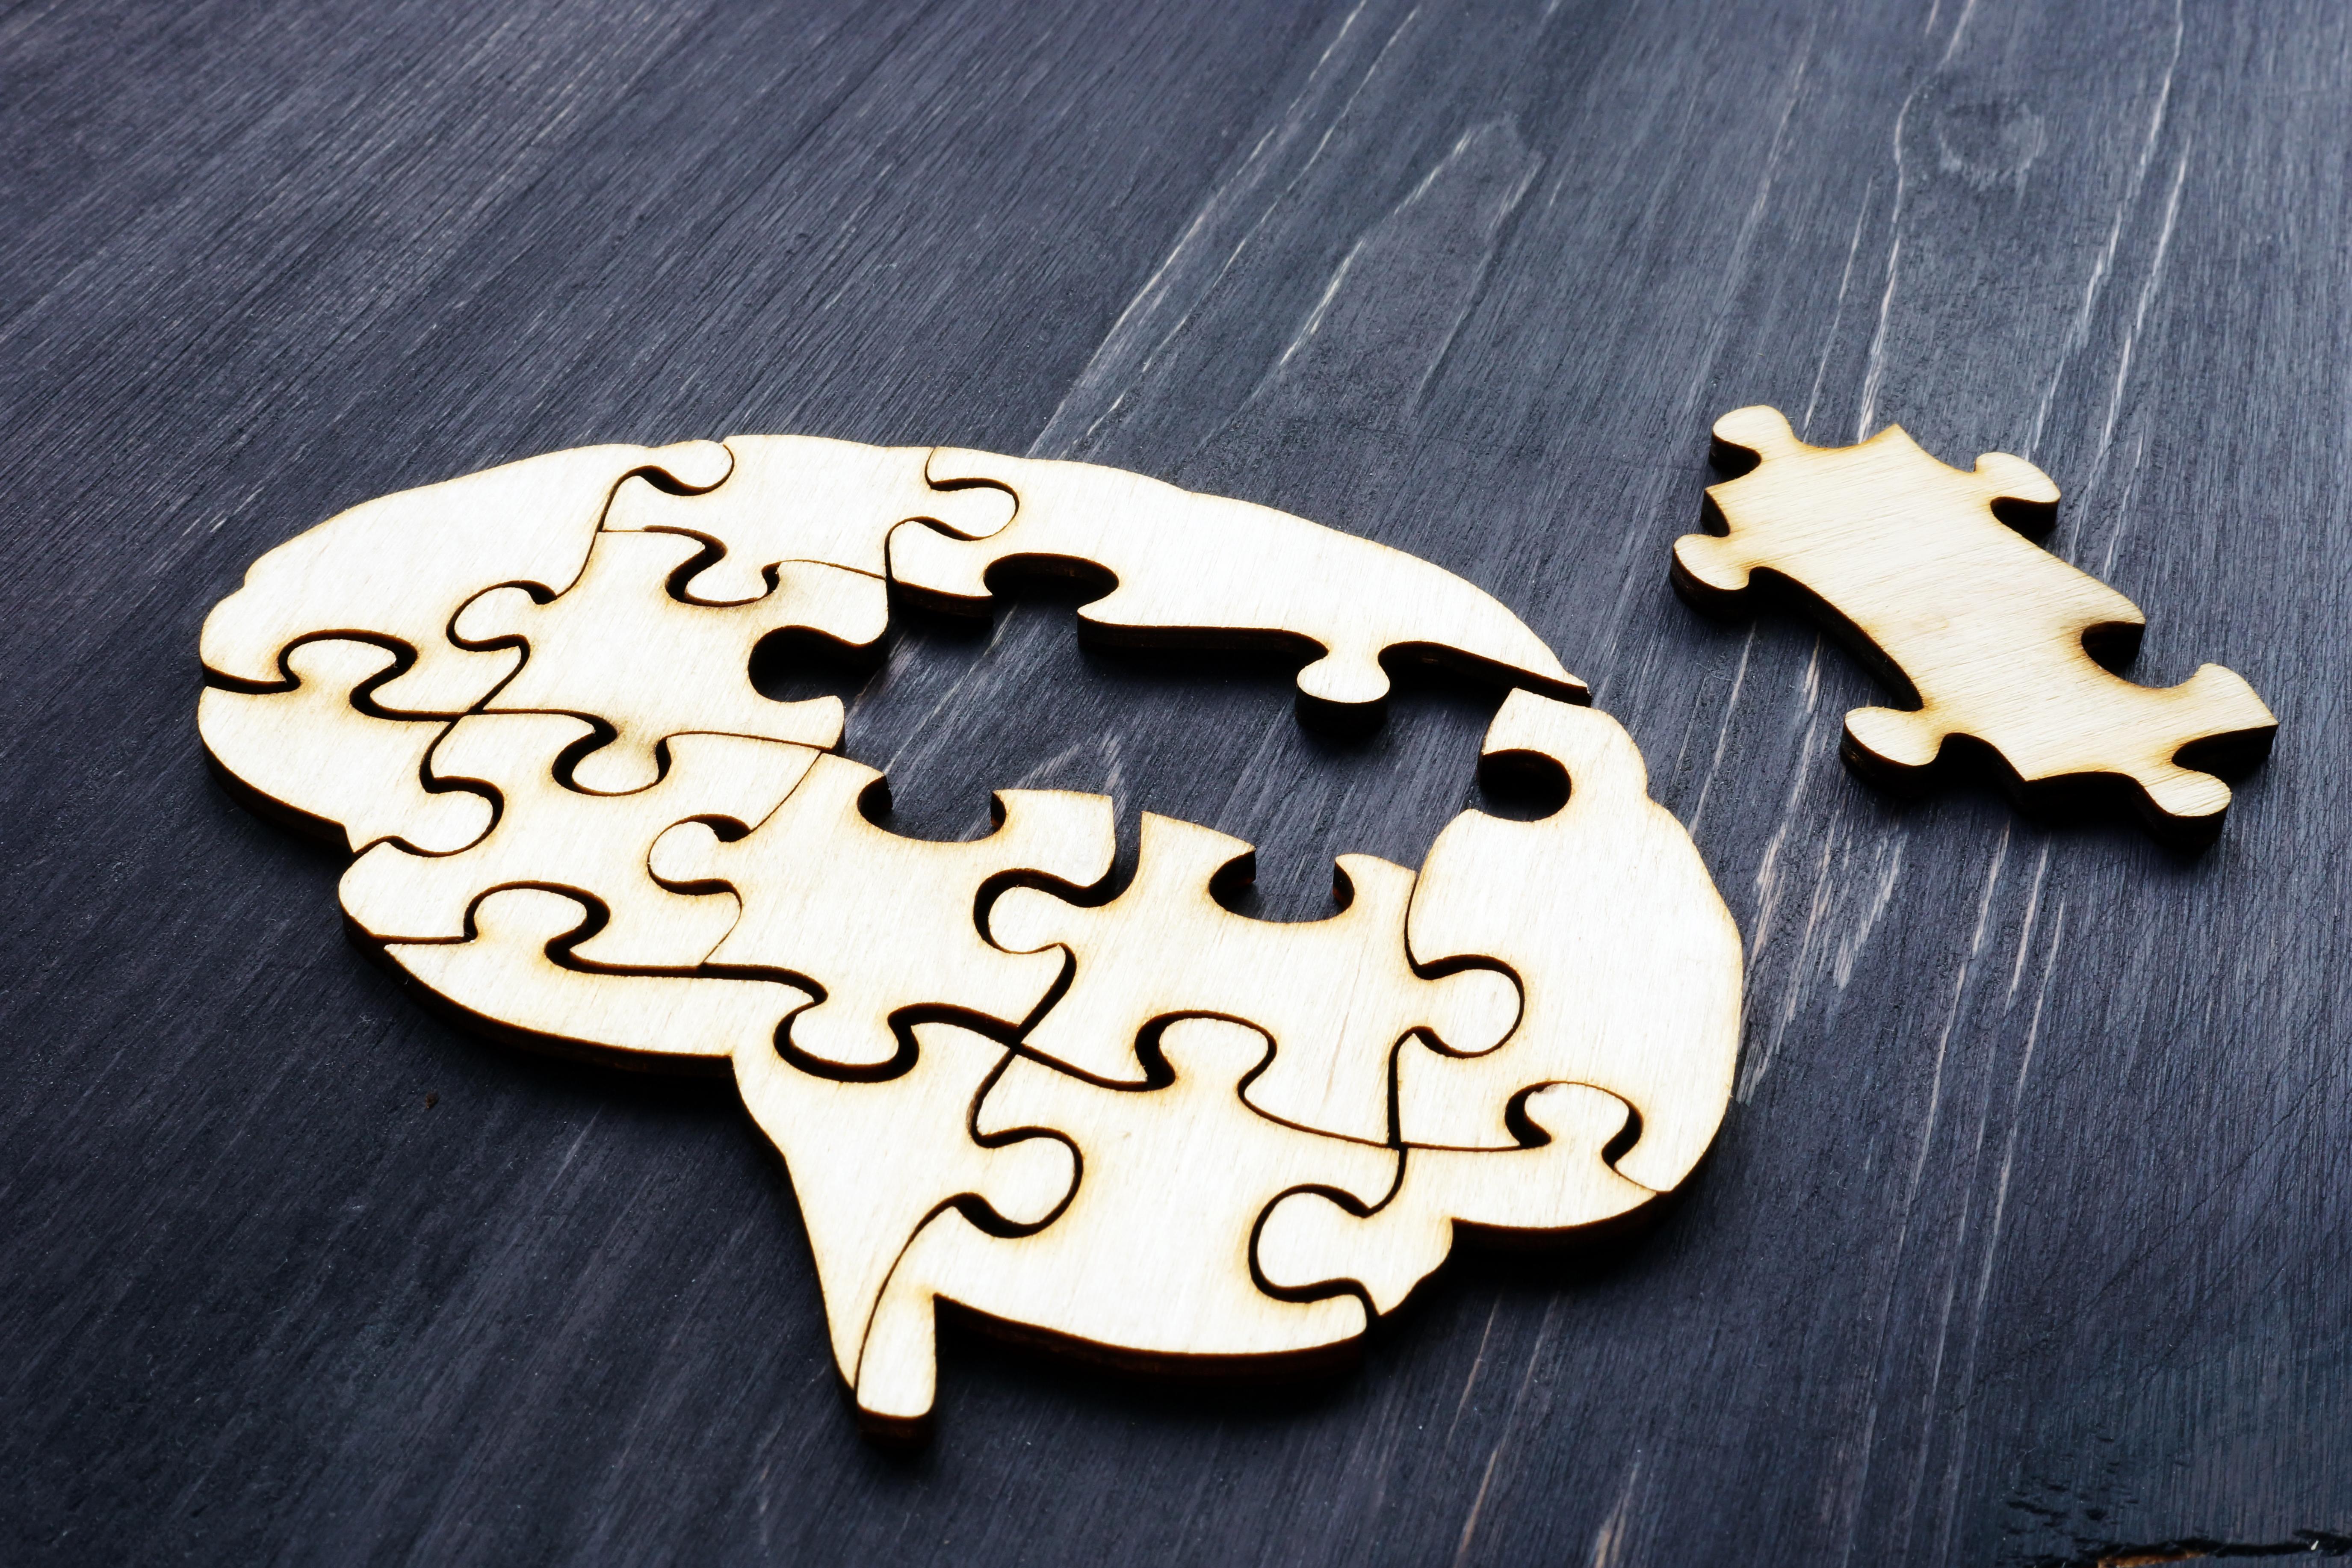 Maladie d'Alzheimer : les conseils d'un neurologue atteint d'une forme précoce